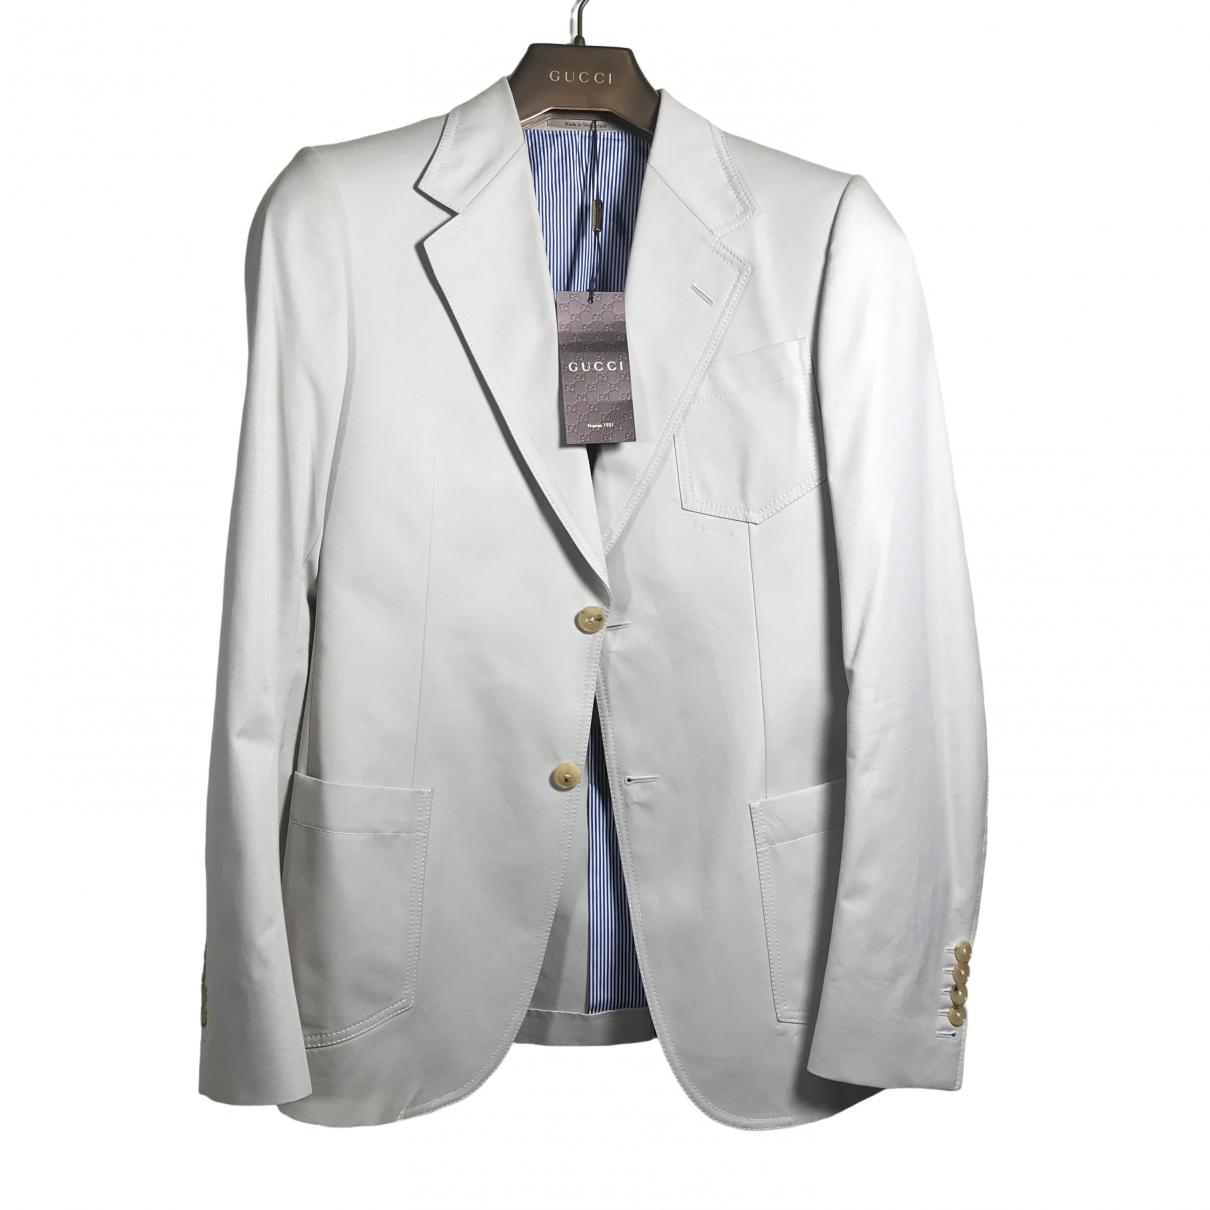 Gucci - Vestes.Blousons   pour homme en coton - beige